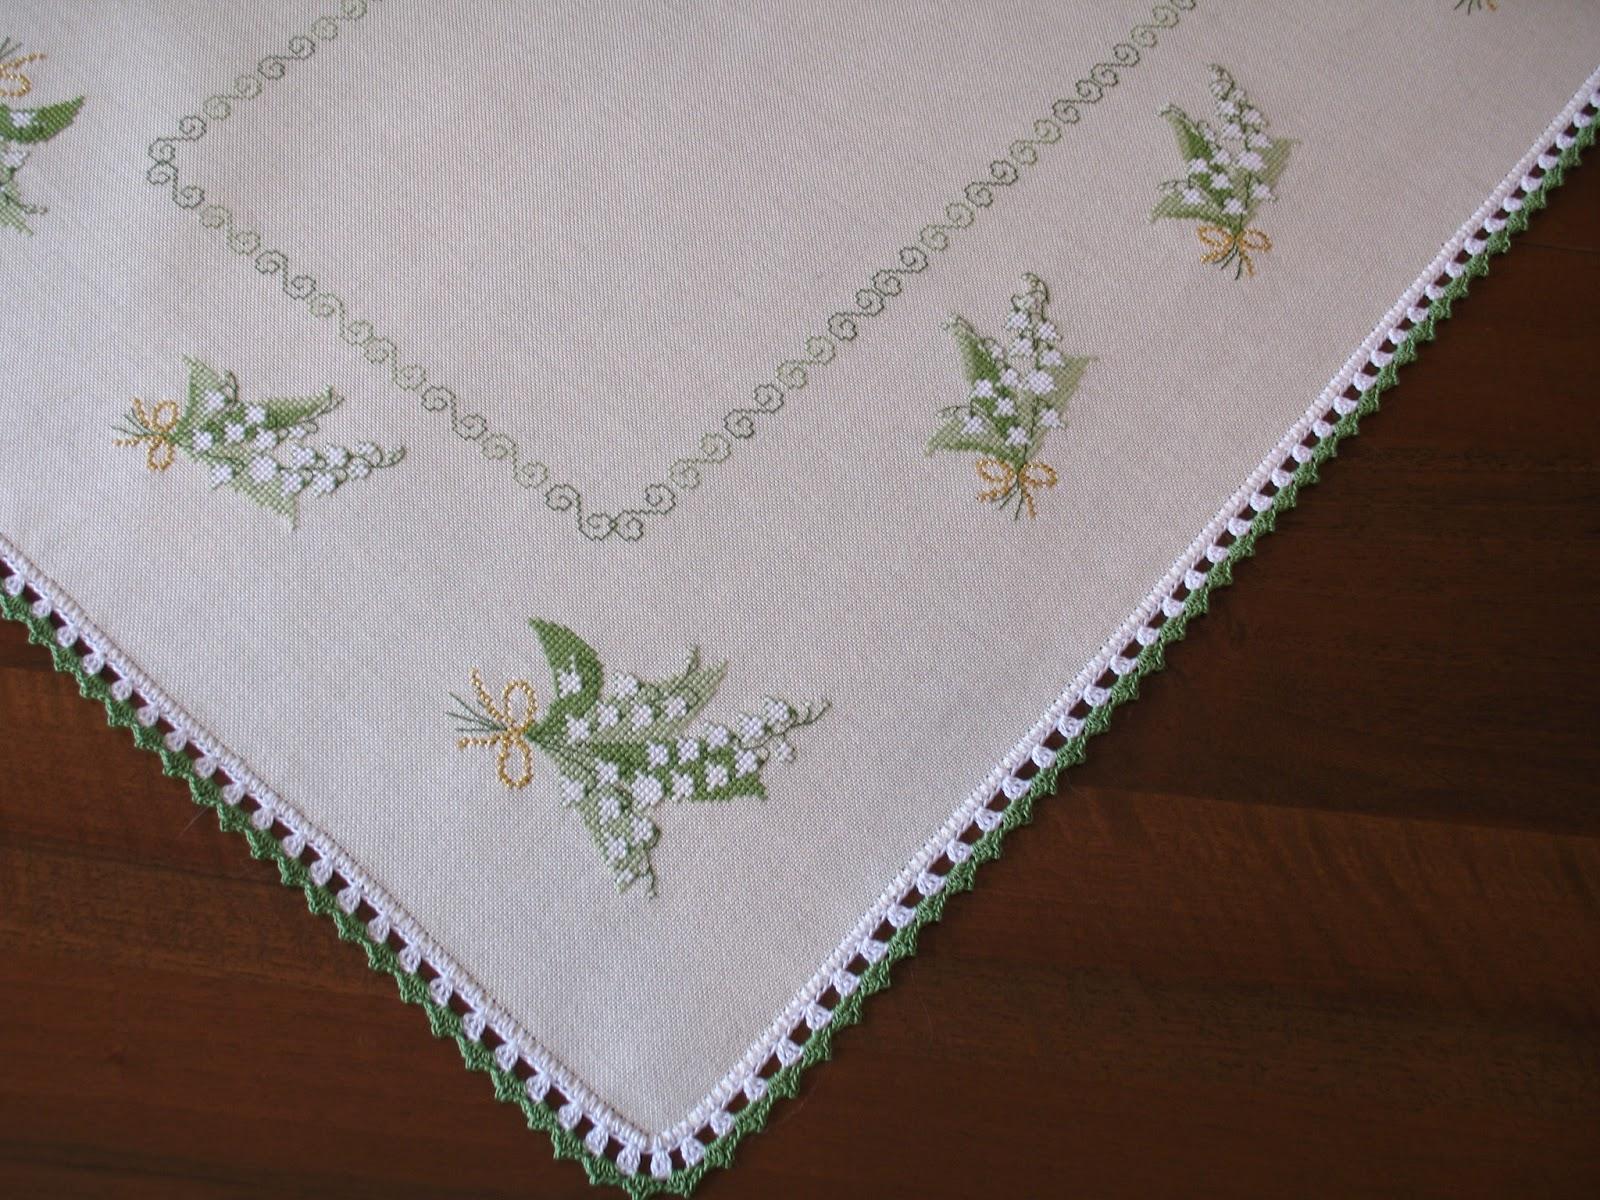 Le creazioni di barbara69 bordi a uncinetto su tovagliette for Tovaglie all uncinetto